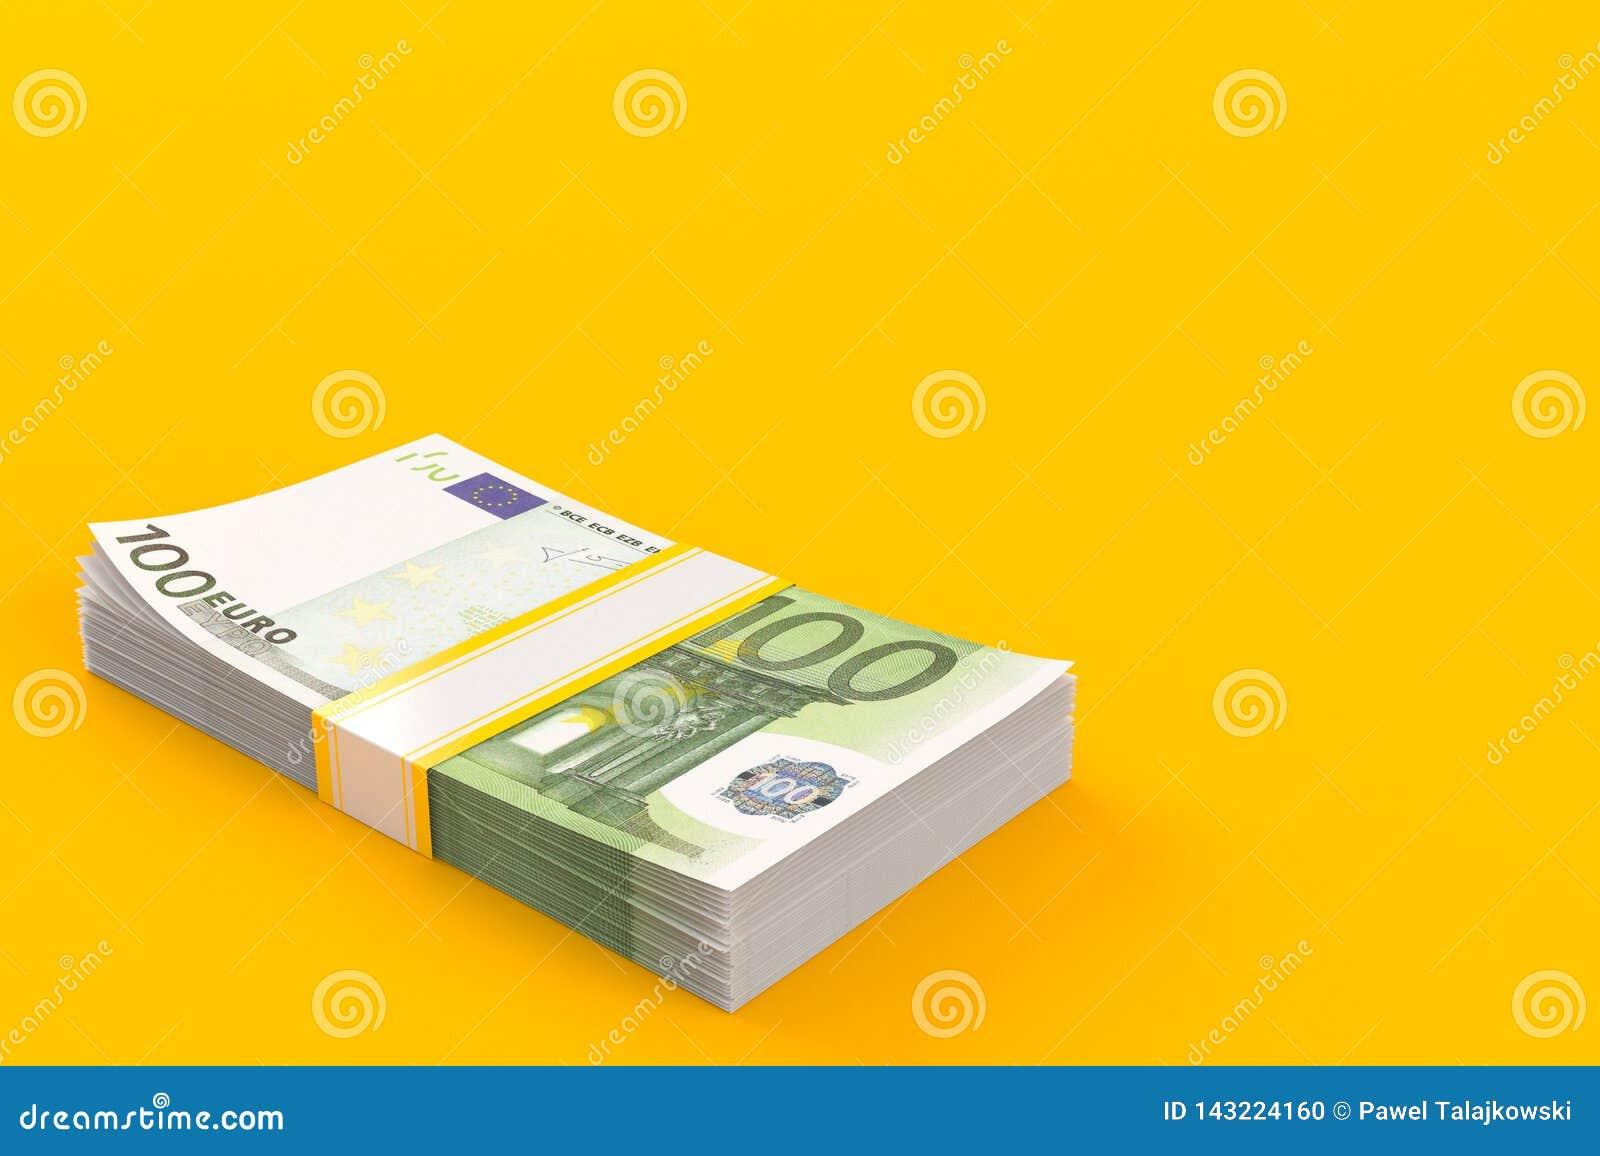 εννοιολογικό ευρώ πενήντα πέντε δέκα νομίσματος τραπεζογραμματίων